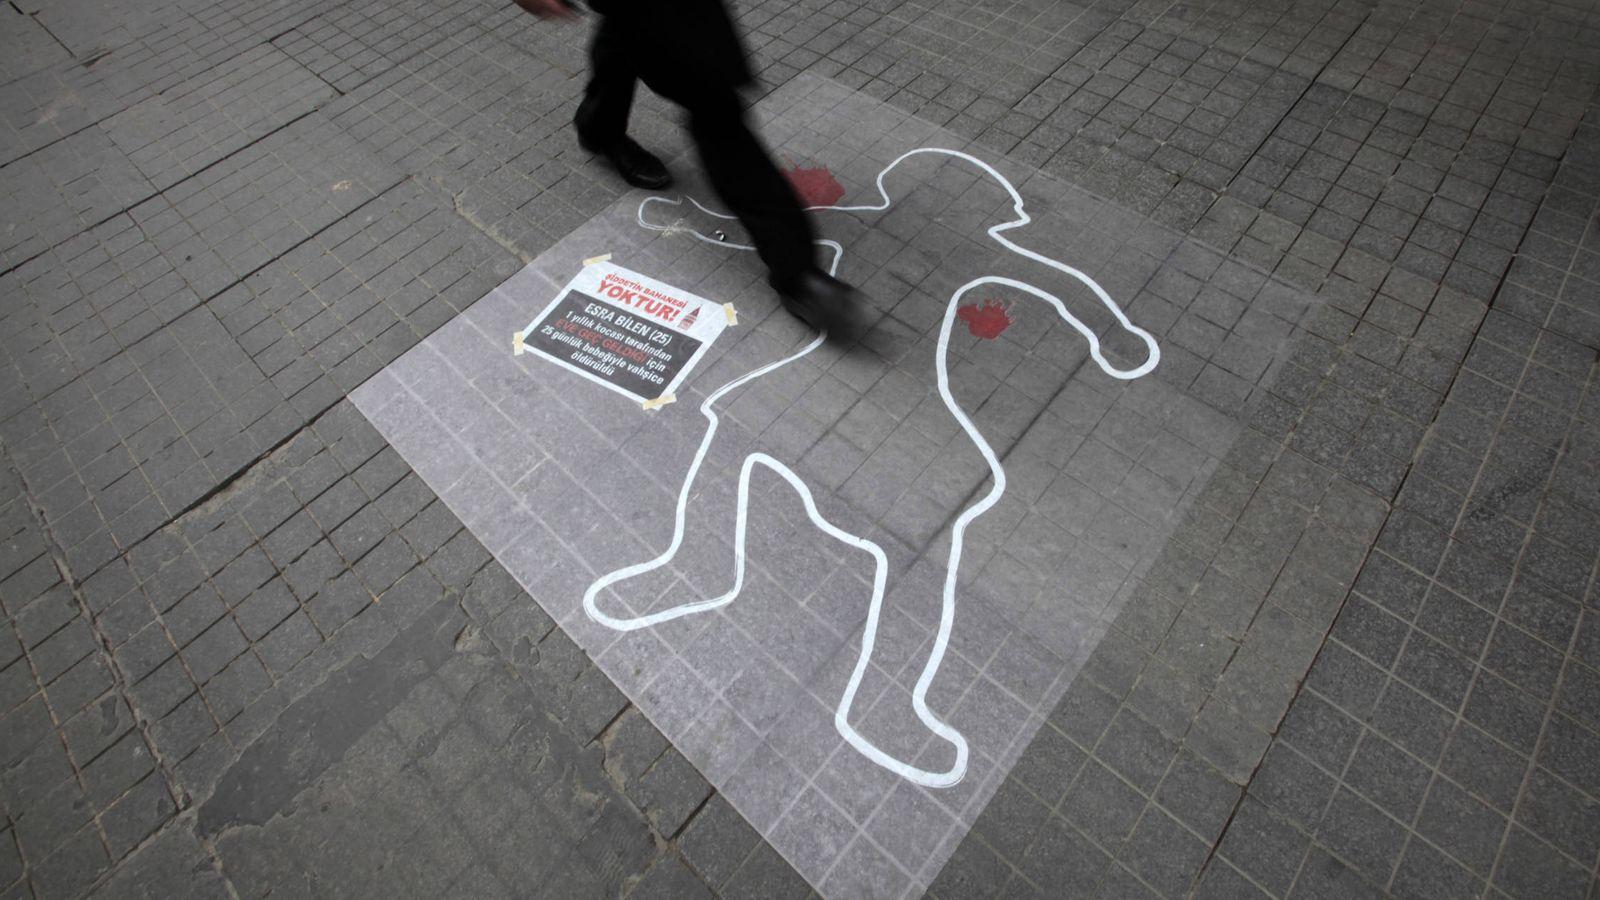 Foto: Una silueta en el suelo para sensibilizar sobre la violencia de género, en Estambul. (Reuters)